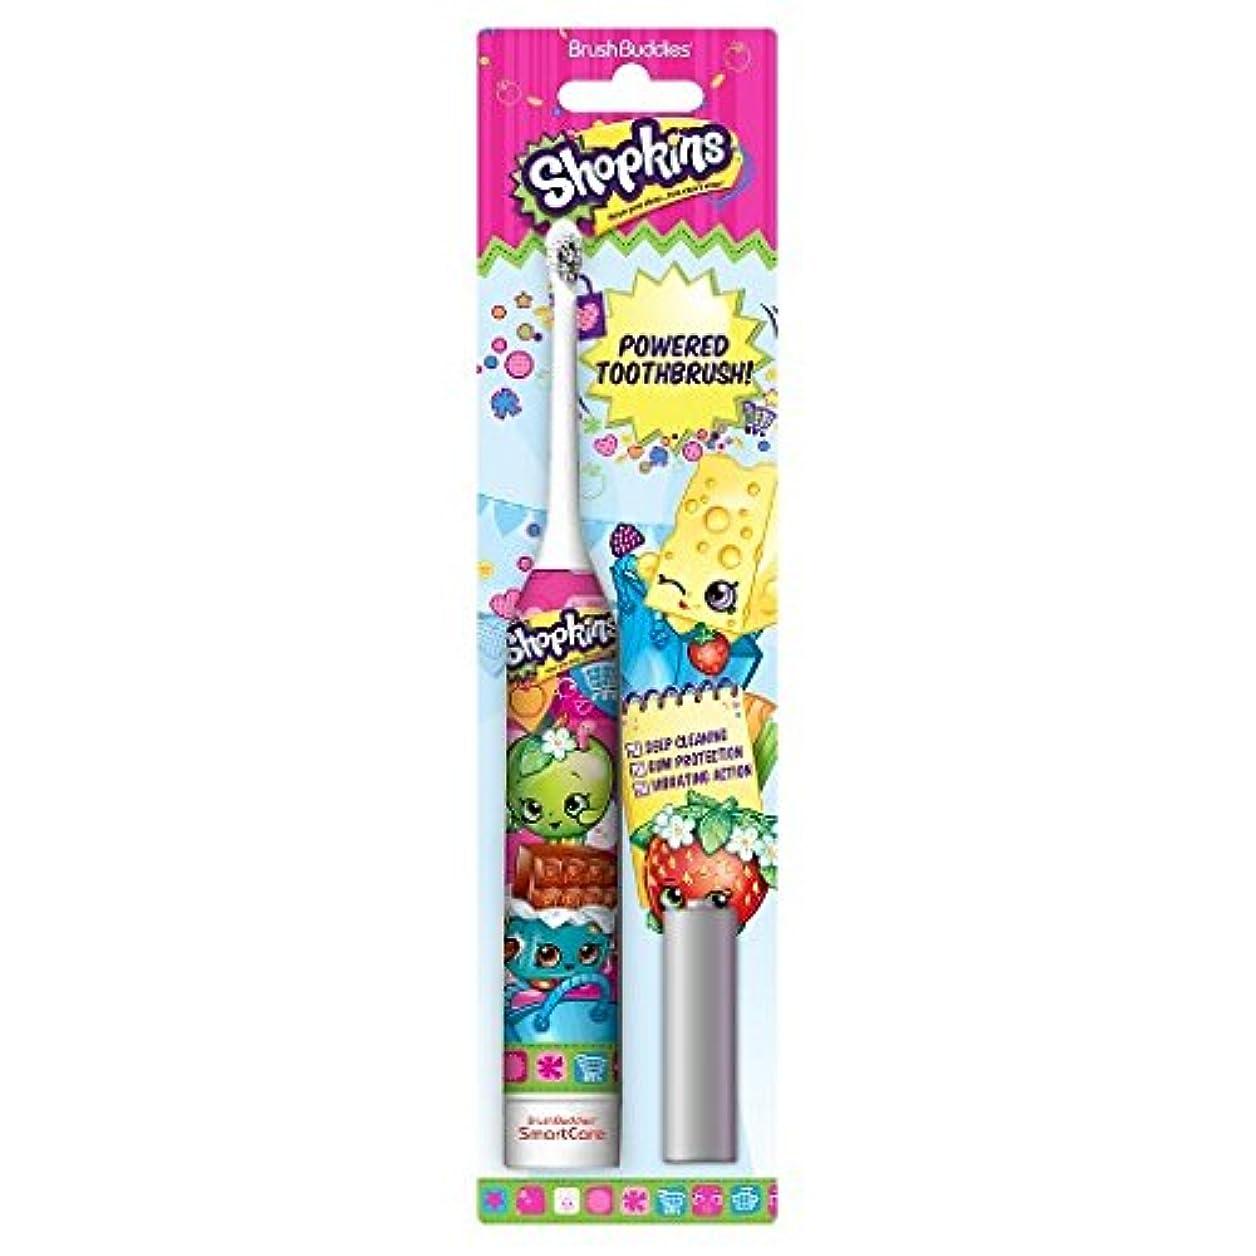 学習者寝てる構築するBrush Buddies Shopkins Sonic Powered Toothbrush ソニックパワード電動歯ブラシ [並行輸入品]